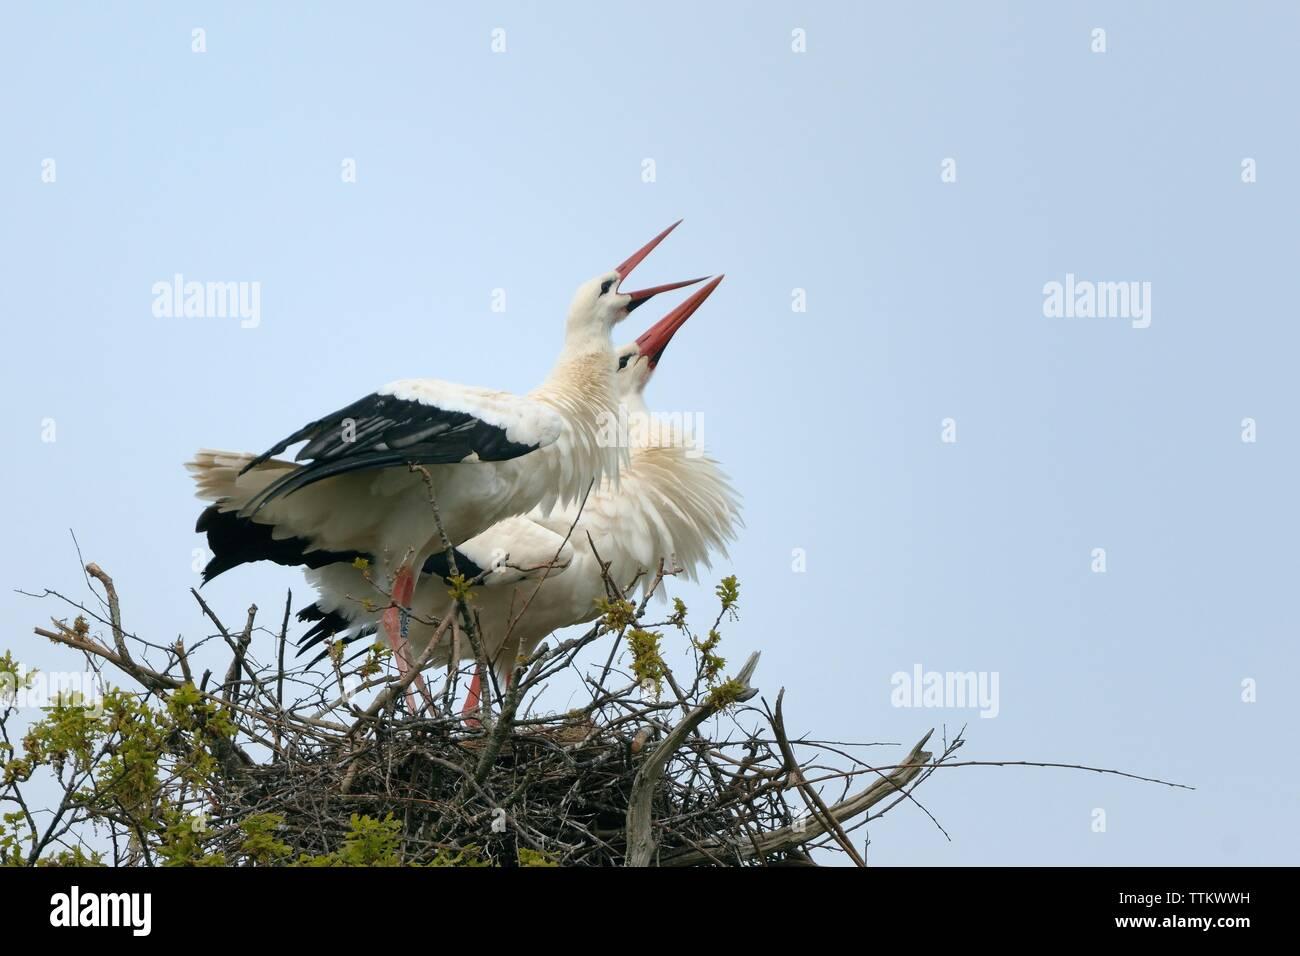 Cigogne Blanche (Ciconia ciconia) paire effectuer un agressif comme une buse vole trop près de leur nid dans un chêne, Knepp Estate, Sussex, UK. Banque D'Images